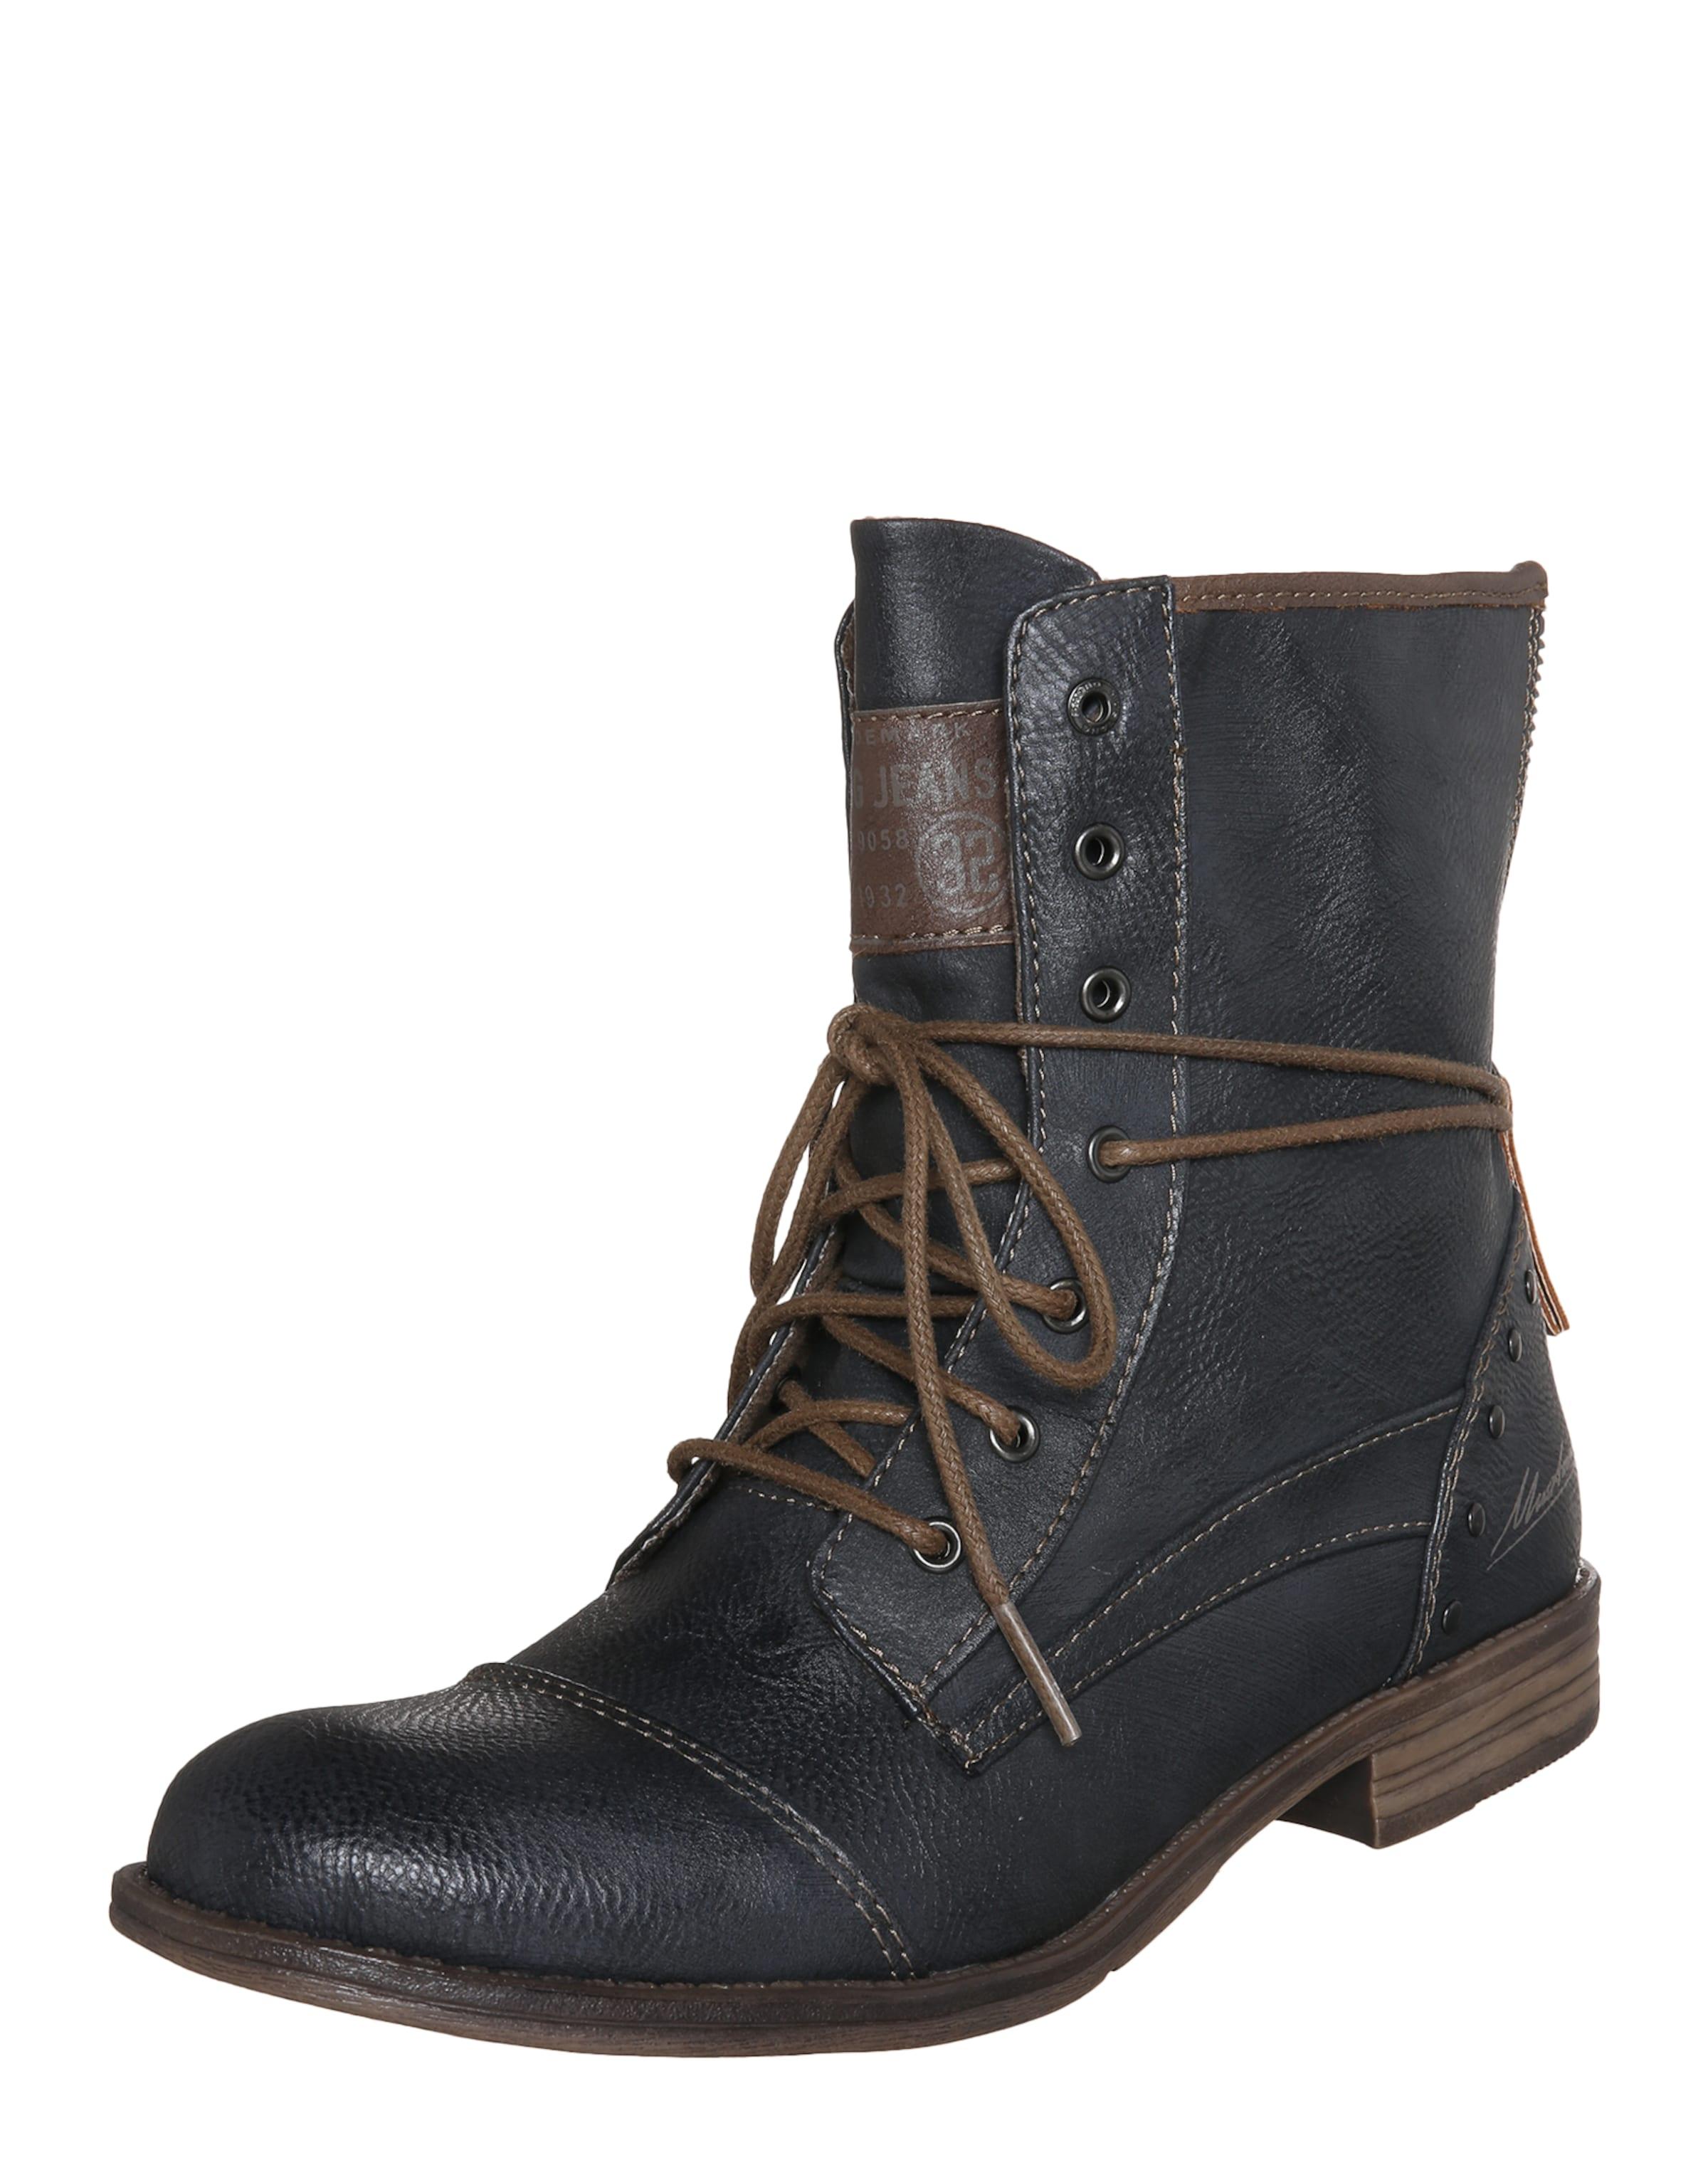 MUSTANG Schnürstiefelette Verschleißfeste billige Schuhe Hohe Qualität